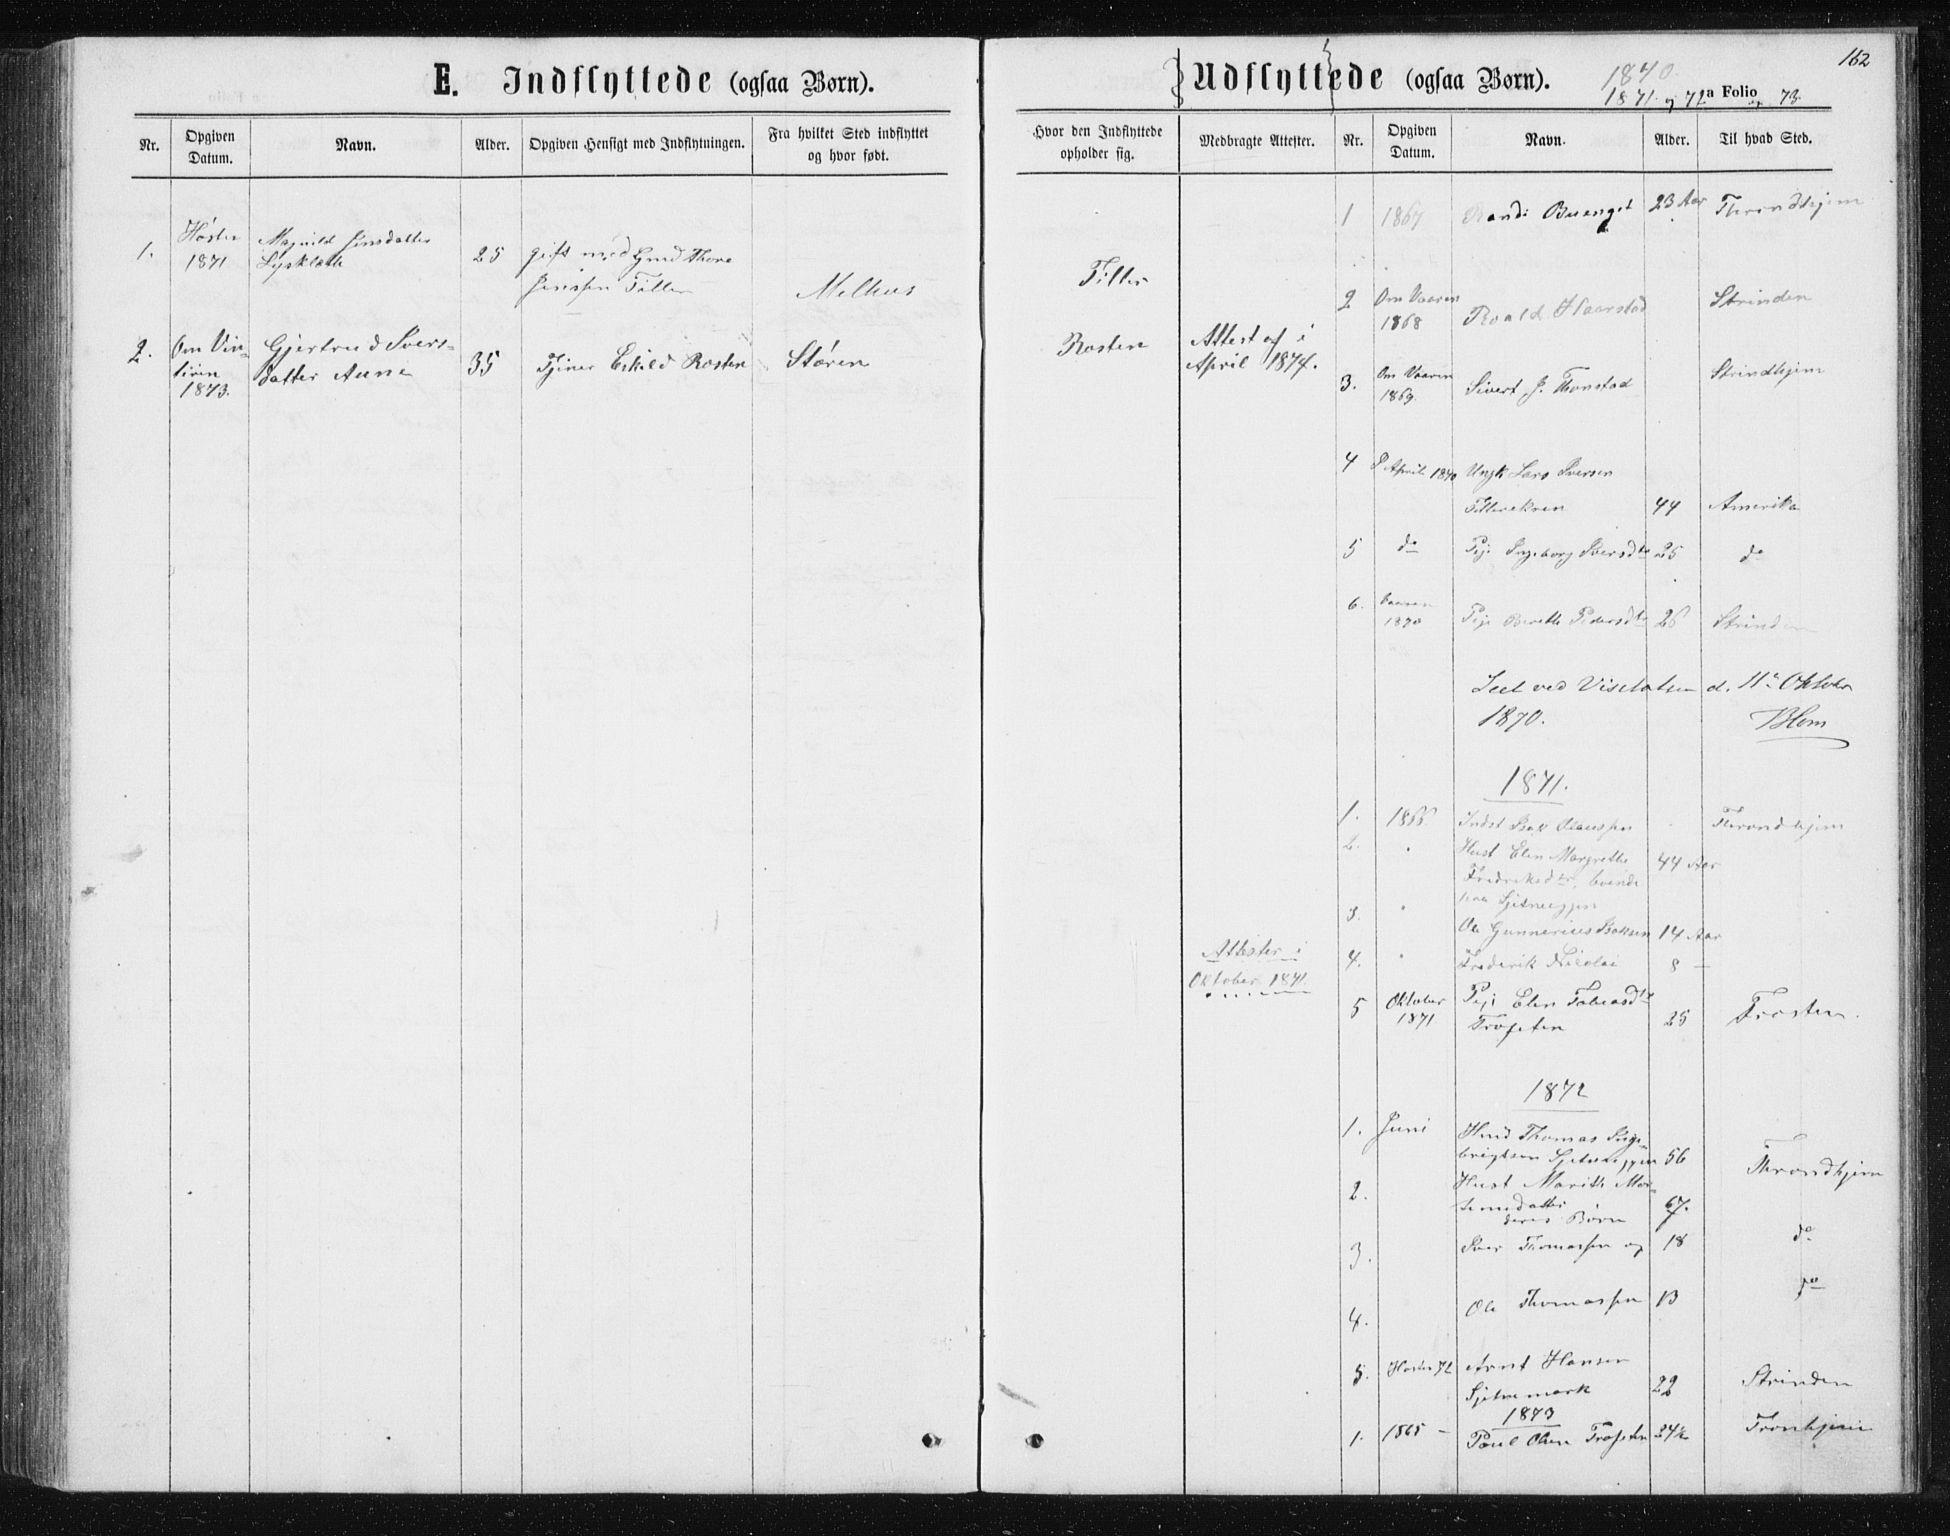 SAT, Ministerialprotokoller, klokkerbøker og fødselsregistre - Sør-Trøndelag, 621/L0459: Klokkerbok nr. 621C02, 1866-1895, s. 162